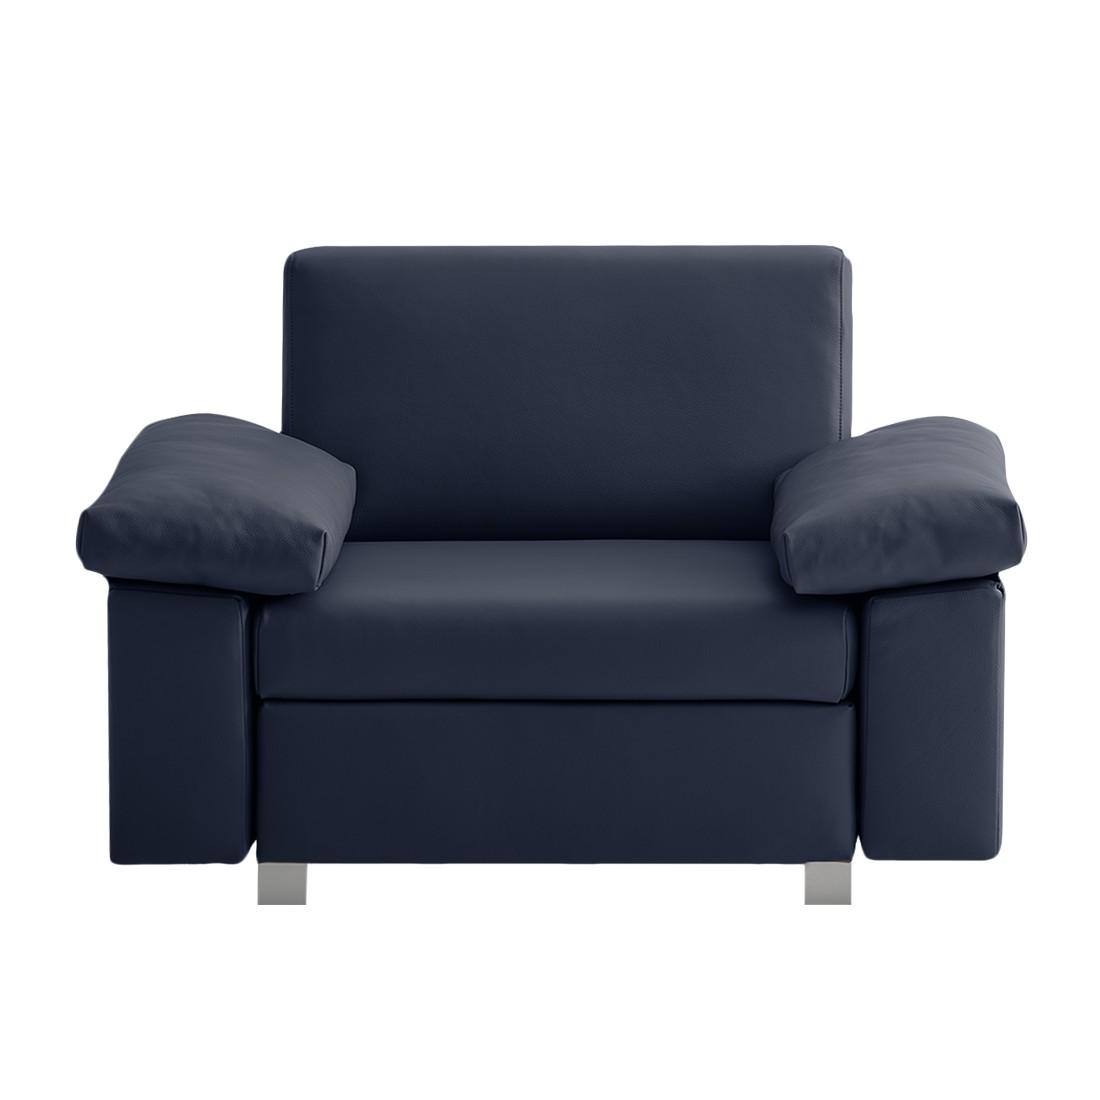 goedkoop Slaapfauteuil Plaza echt leer Donkerblauw Opklapbare armleuningen chillout by Franz Fertig